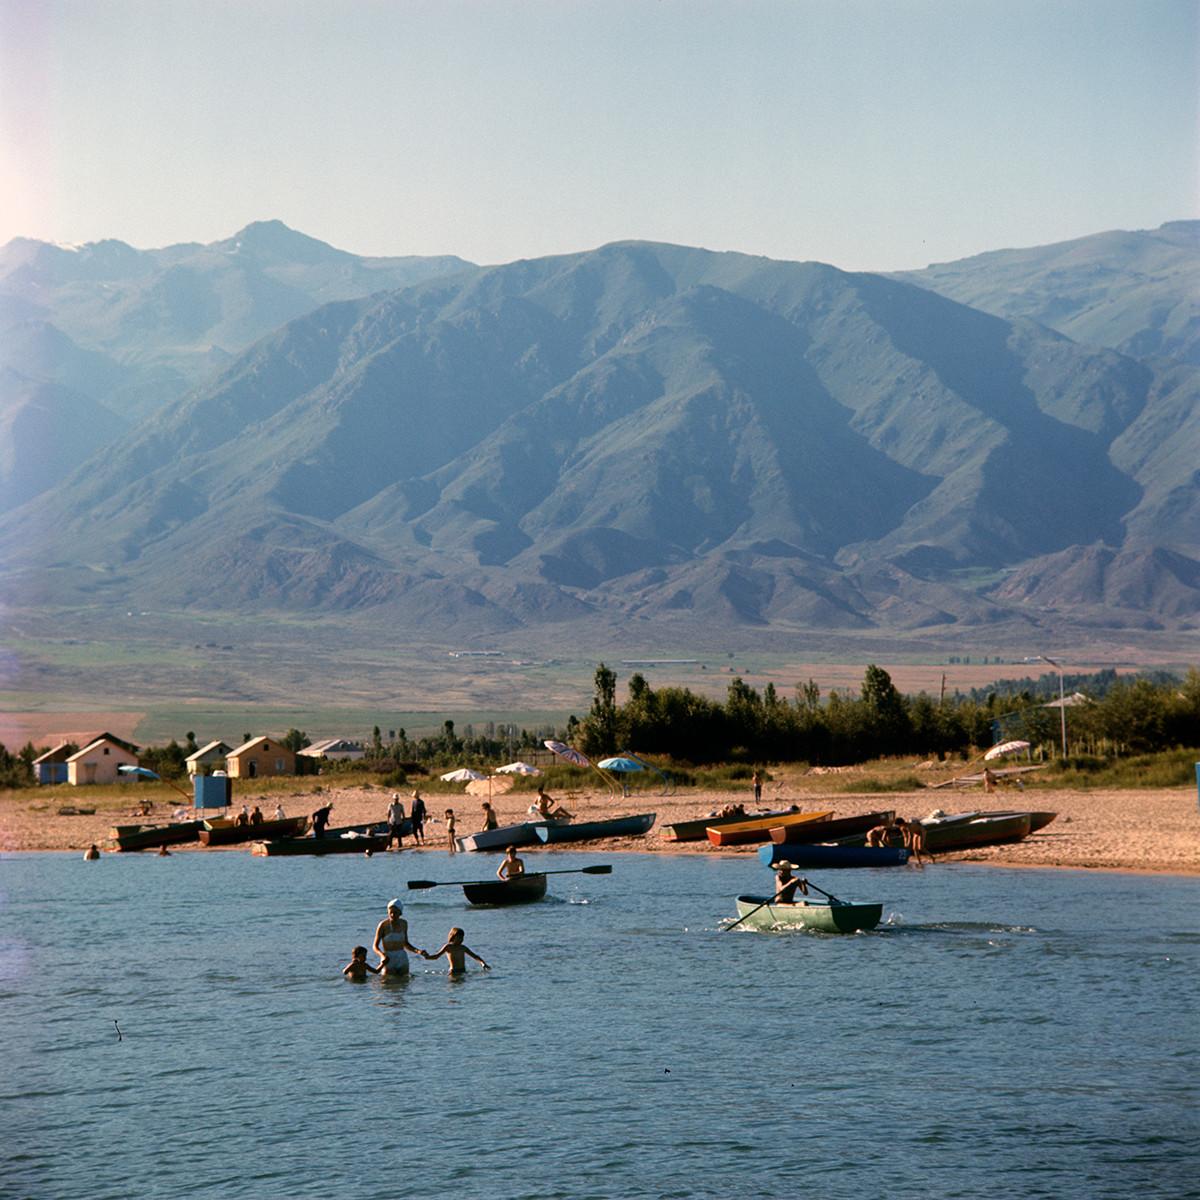 База отдыха рабочих Киргизского завода сельскохозяйственного машиностроения на озере Иссык-Куль.